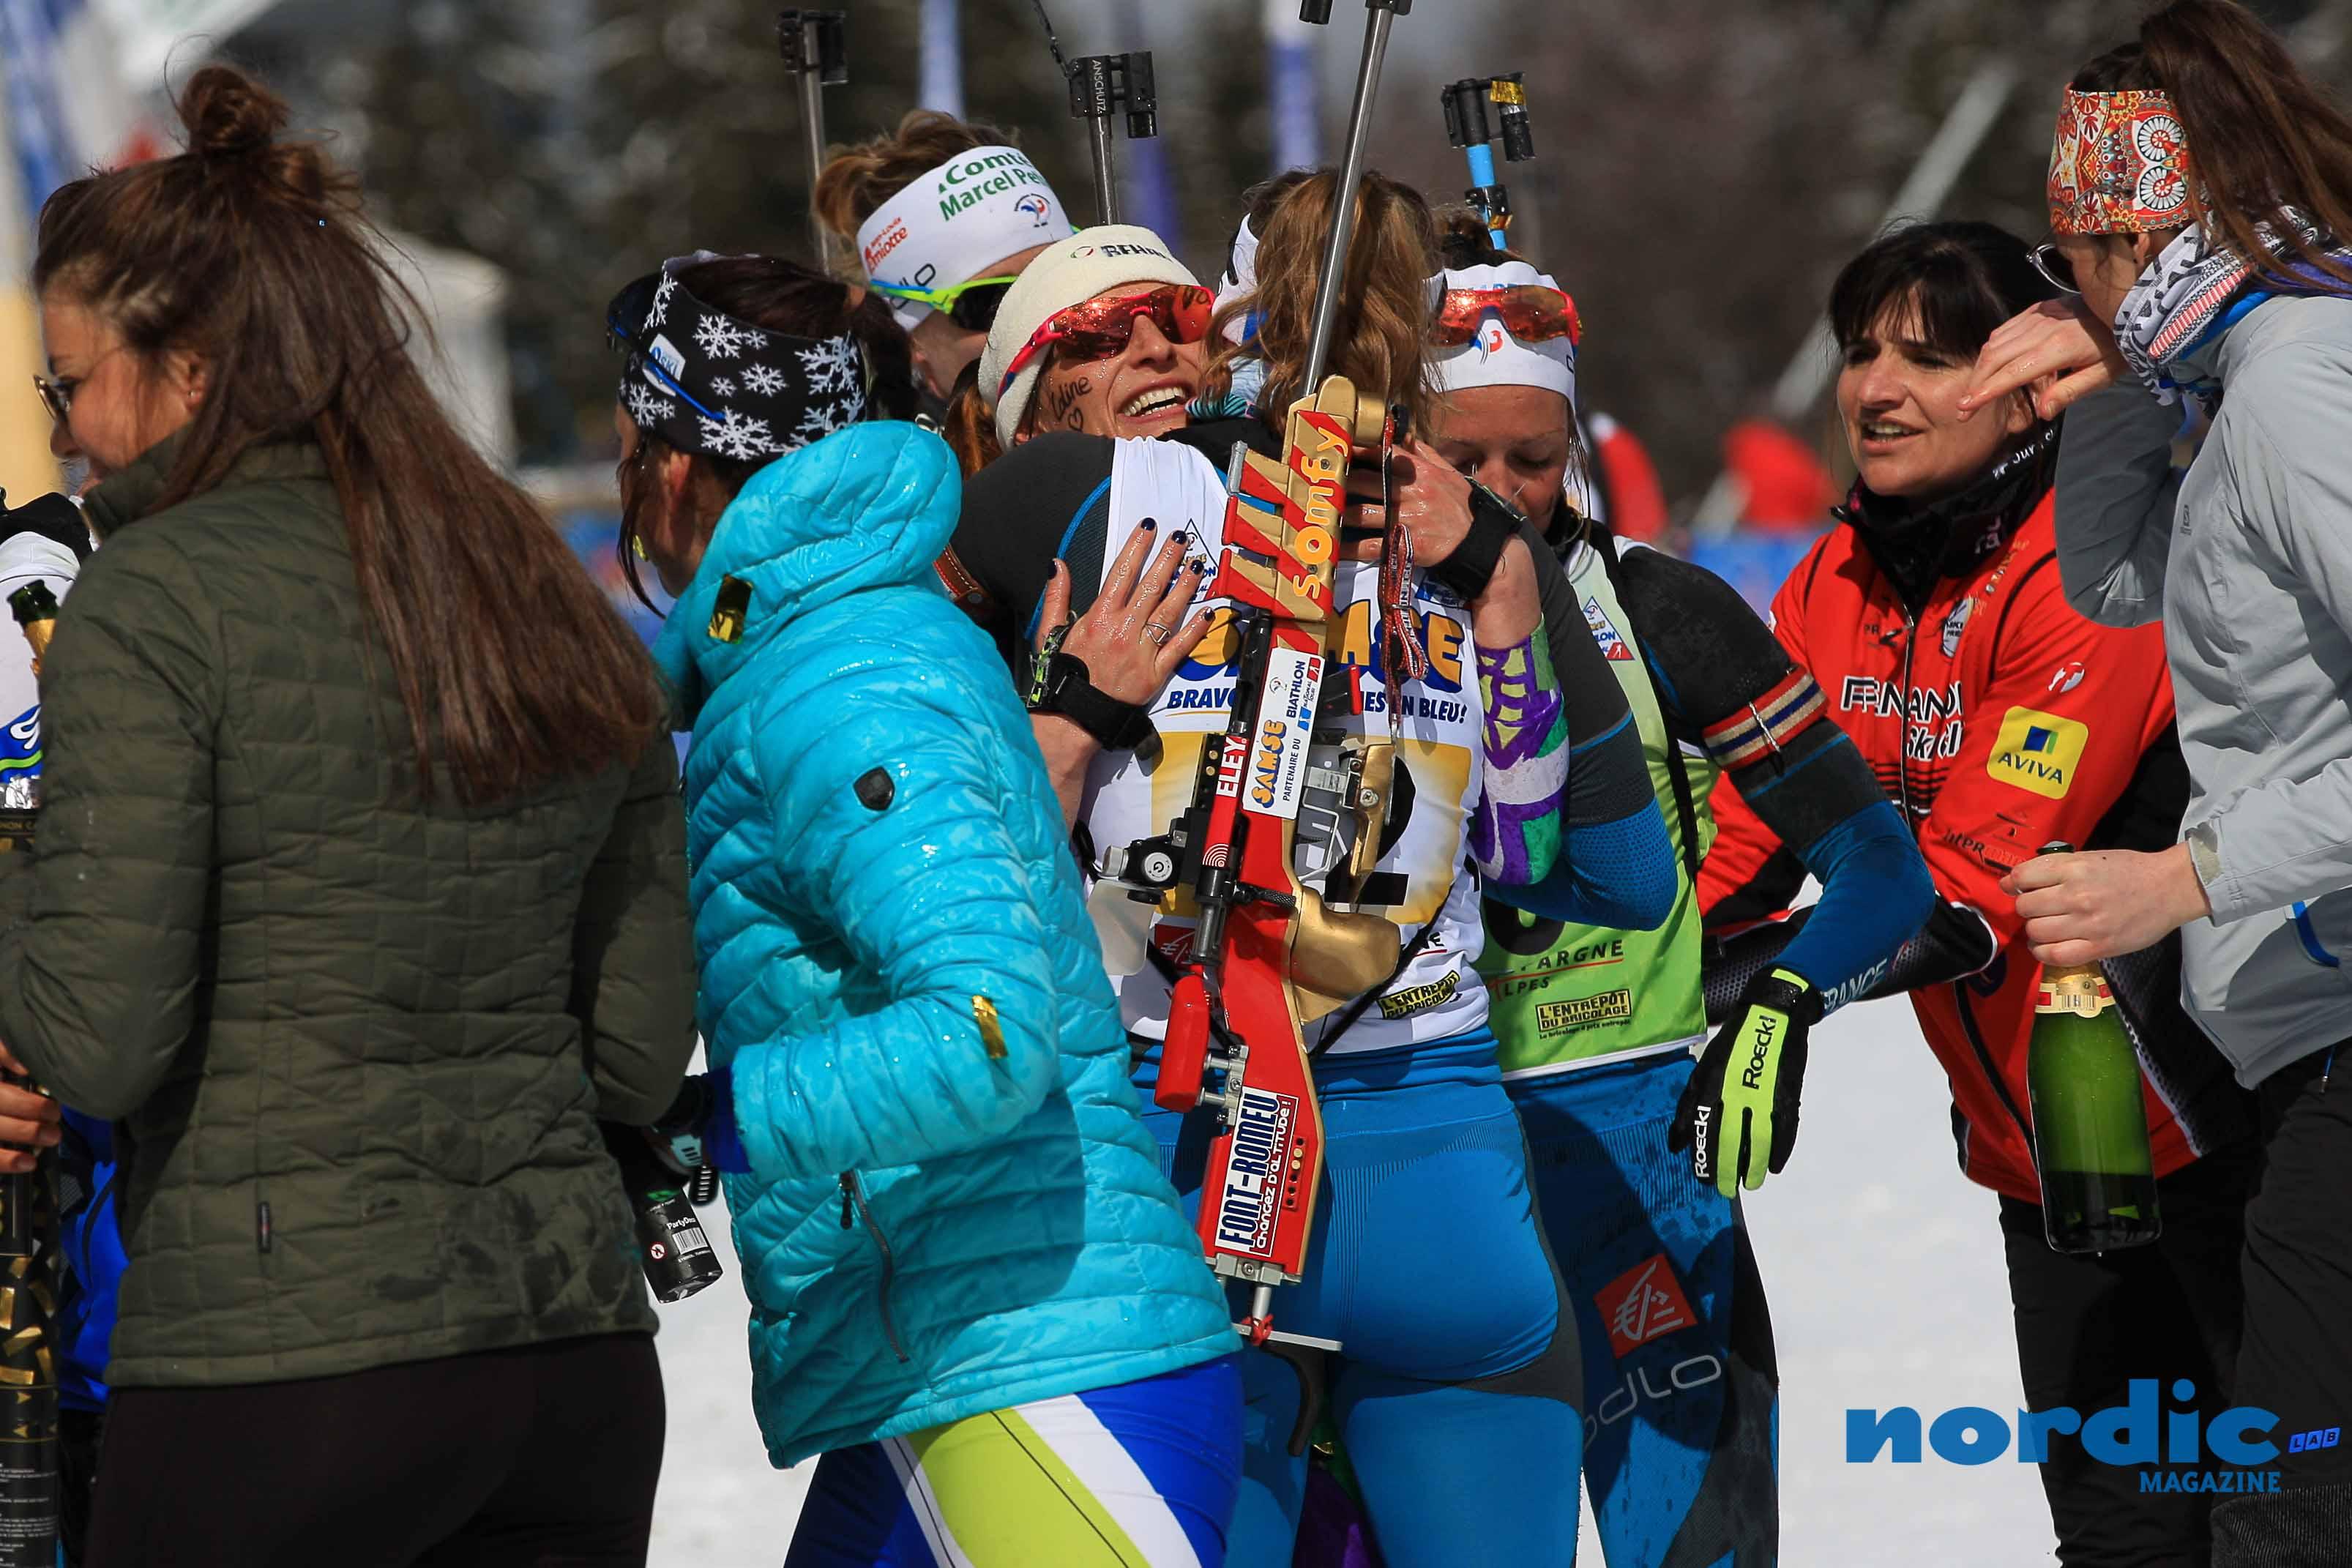 BIATHLON - Julia Simon a remporté le titre de championne de France de la mass-start à Prémanon, devant sa copine de club Justine Braisaz et Anaïs Bescond. Myrtille Bègue titrée en U21 devant Gilonne Guigonnat et Lou Jeanmonnot.